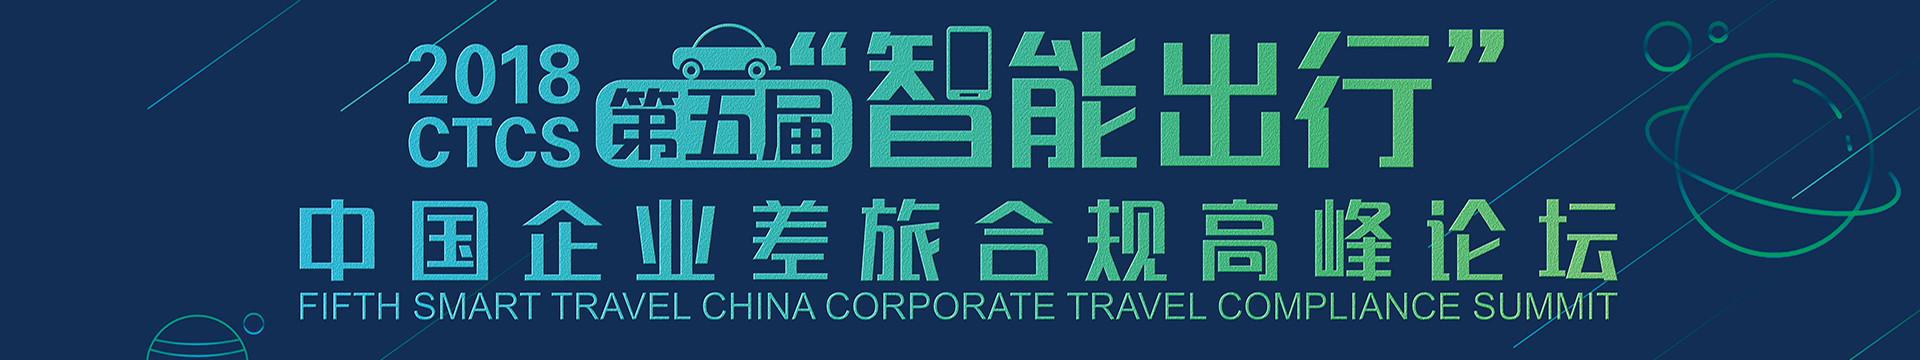 """2018 CTCS 第五屆""""智能出行"""" 企業差旅合規高峰論壇"""